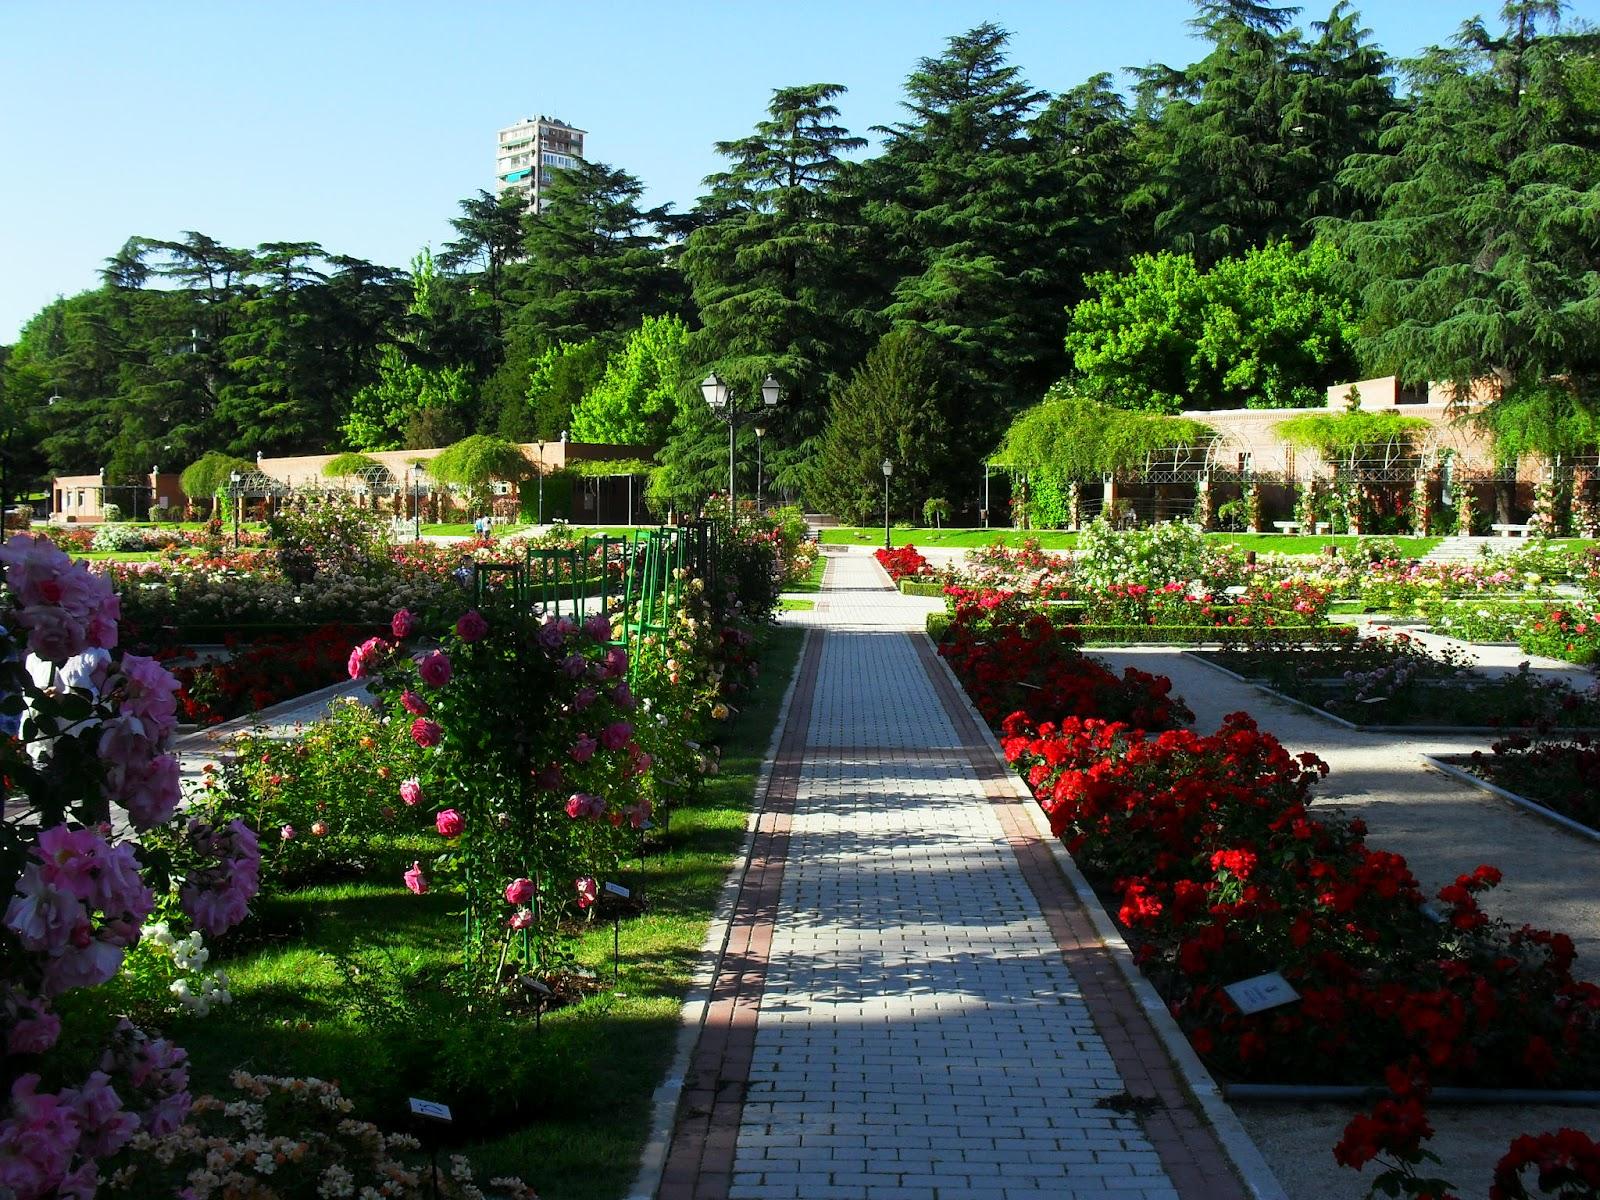 Arte y jardiner a el jard n de rosas - Jardines con rosas ...